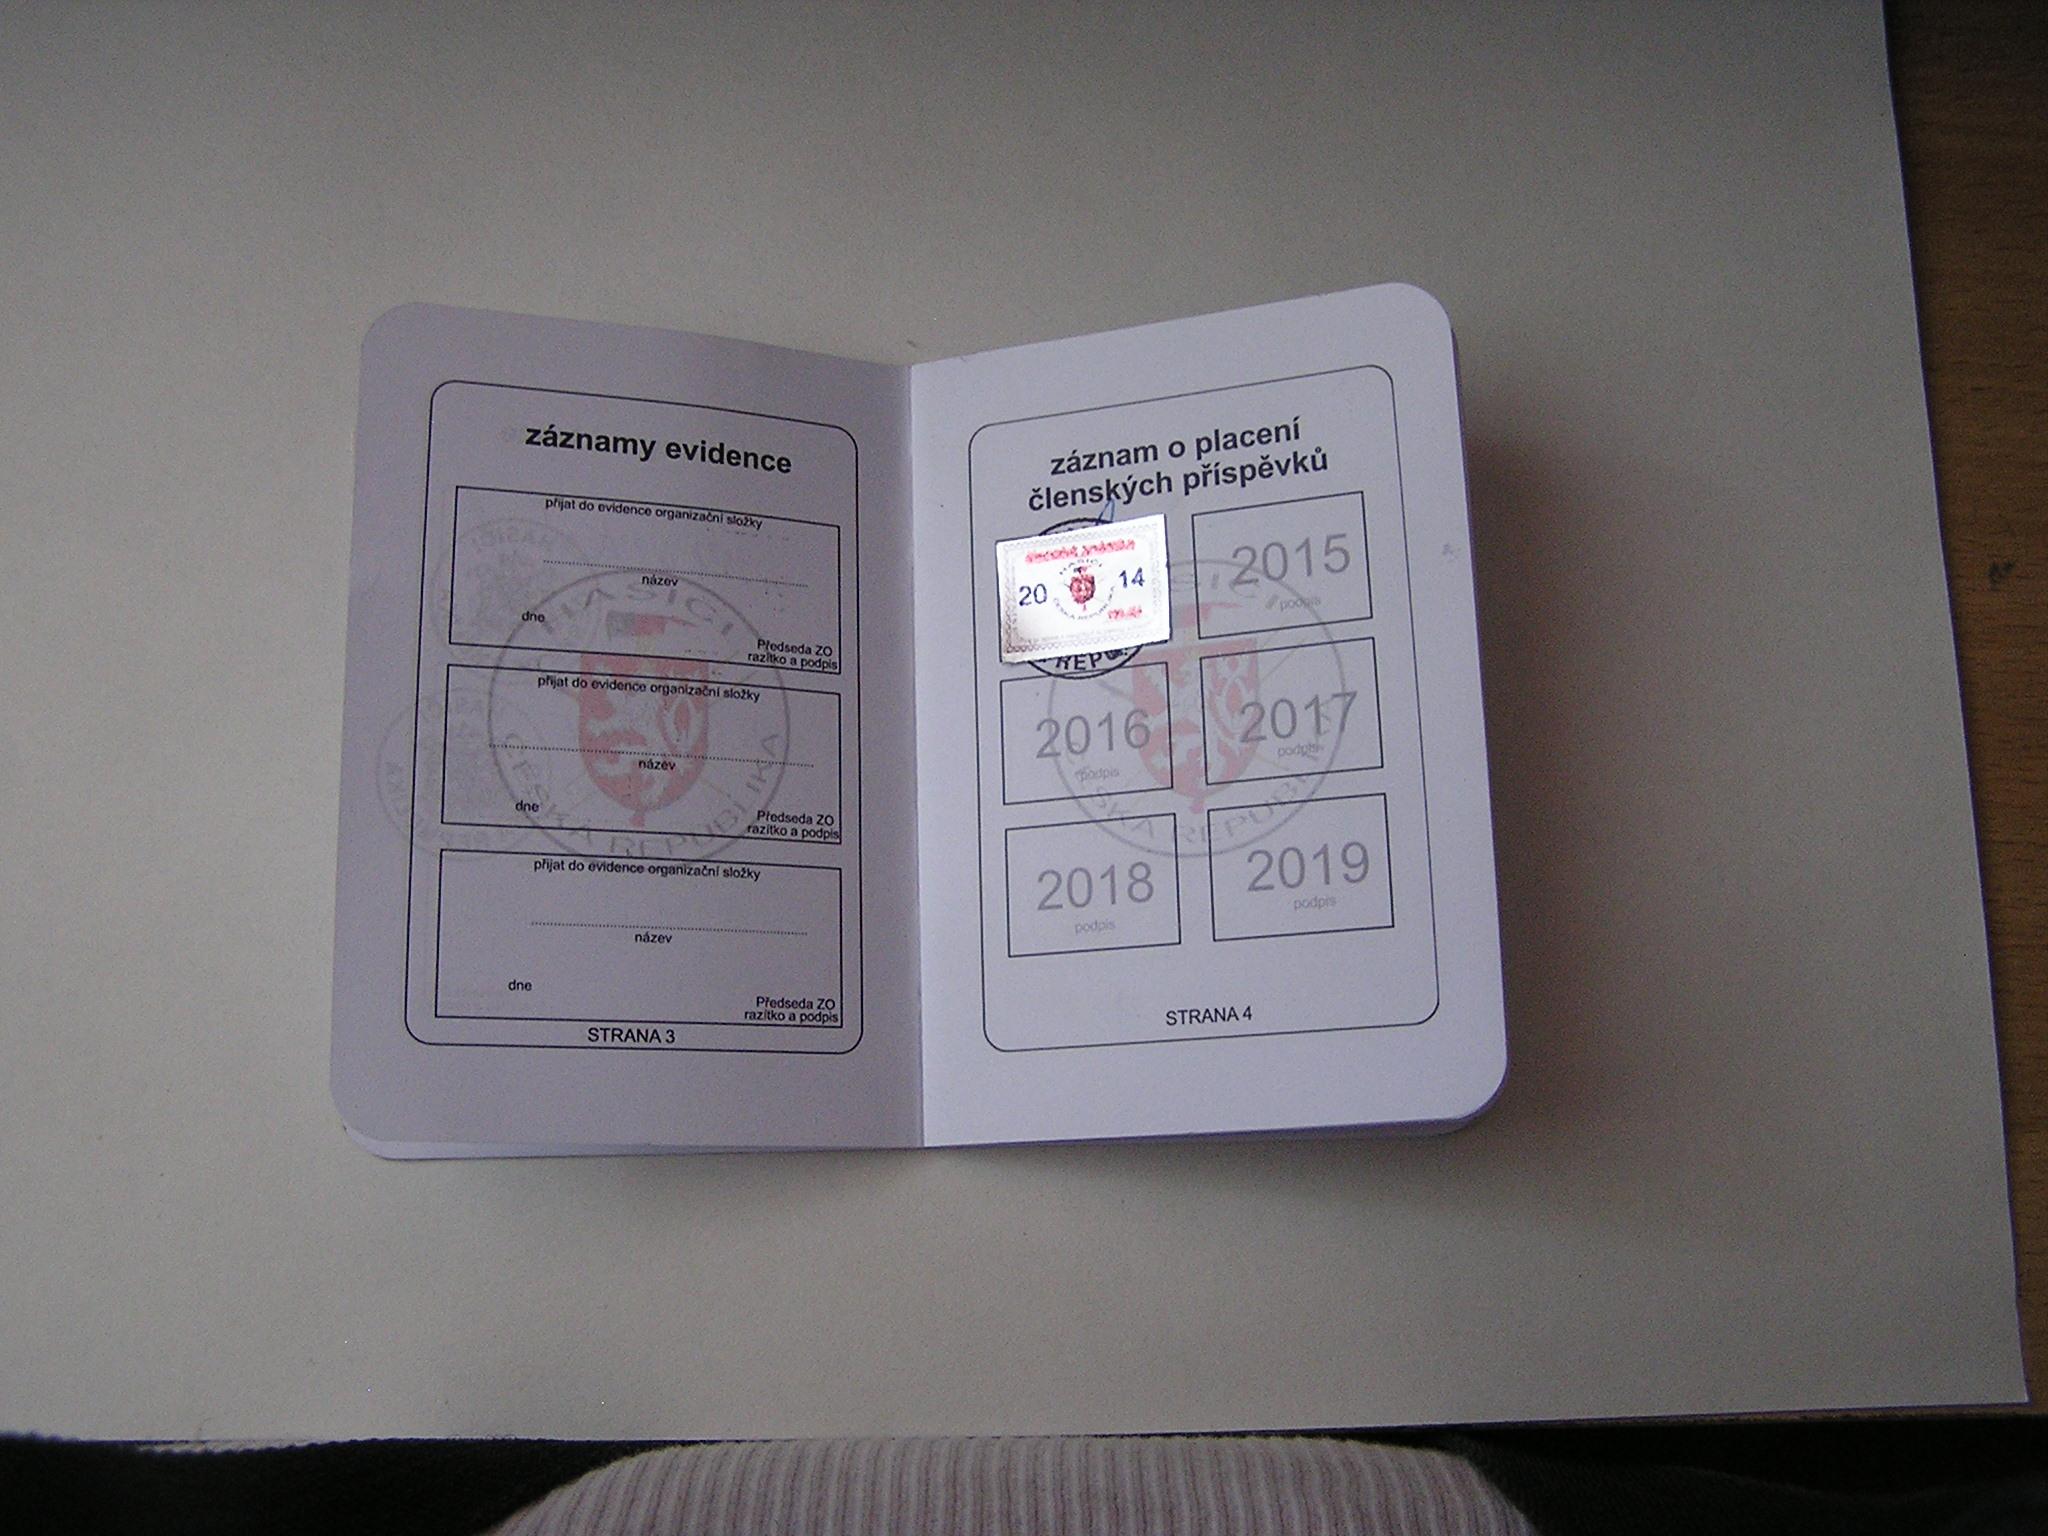 Záznamy evidence a záznam o placení čl. příspěvklů (budou se vylepovat známky